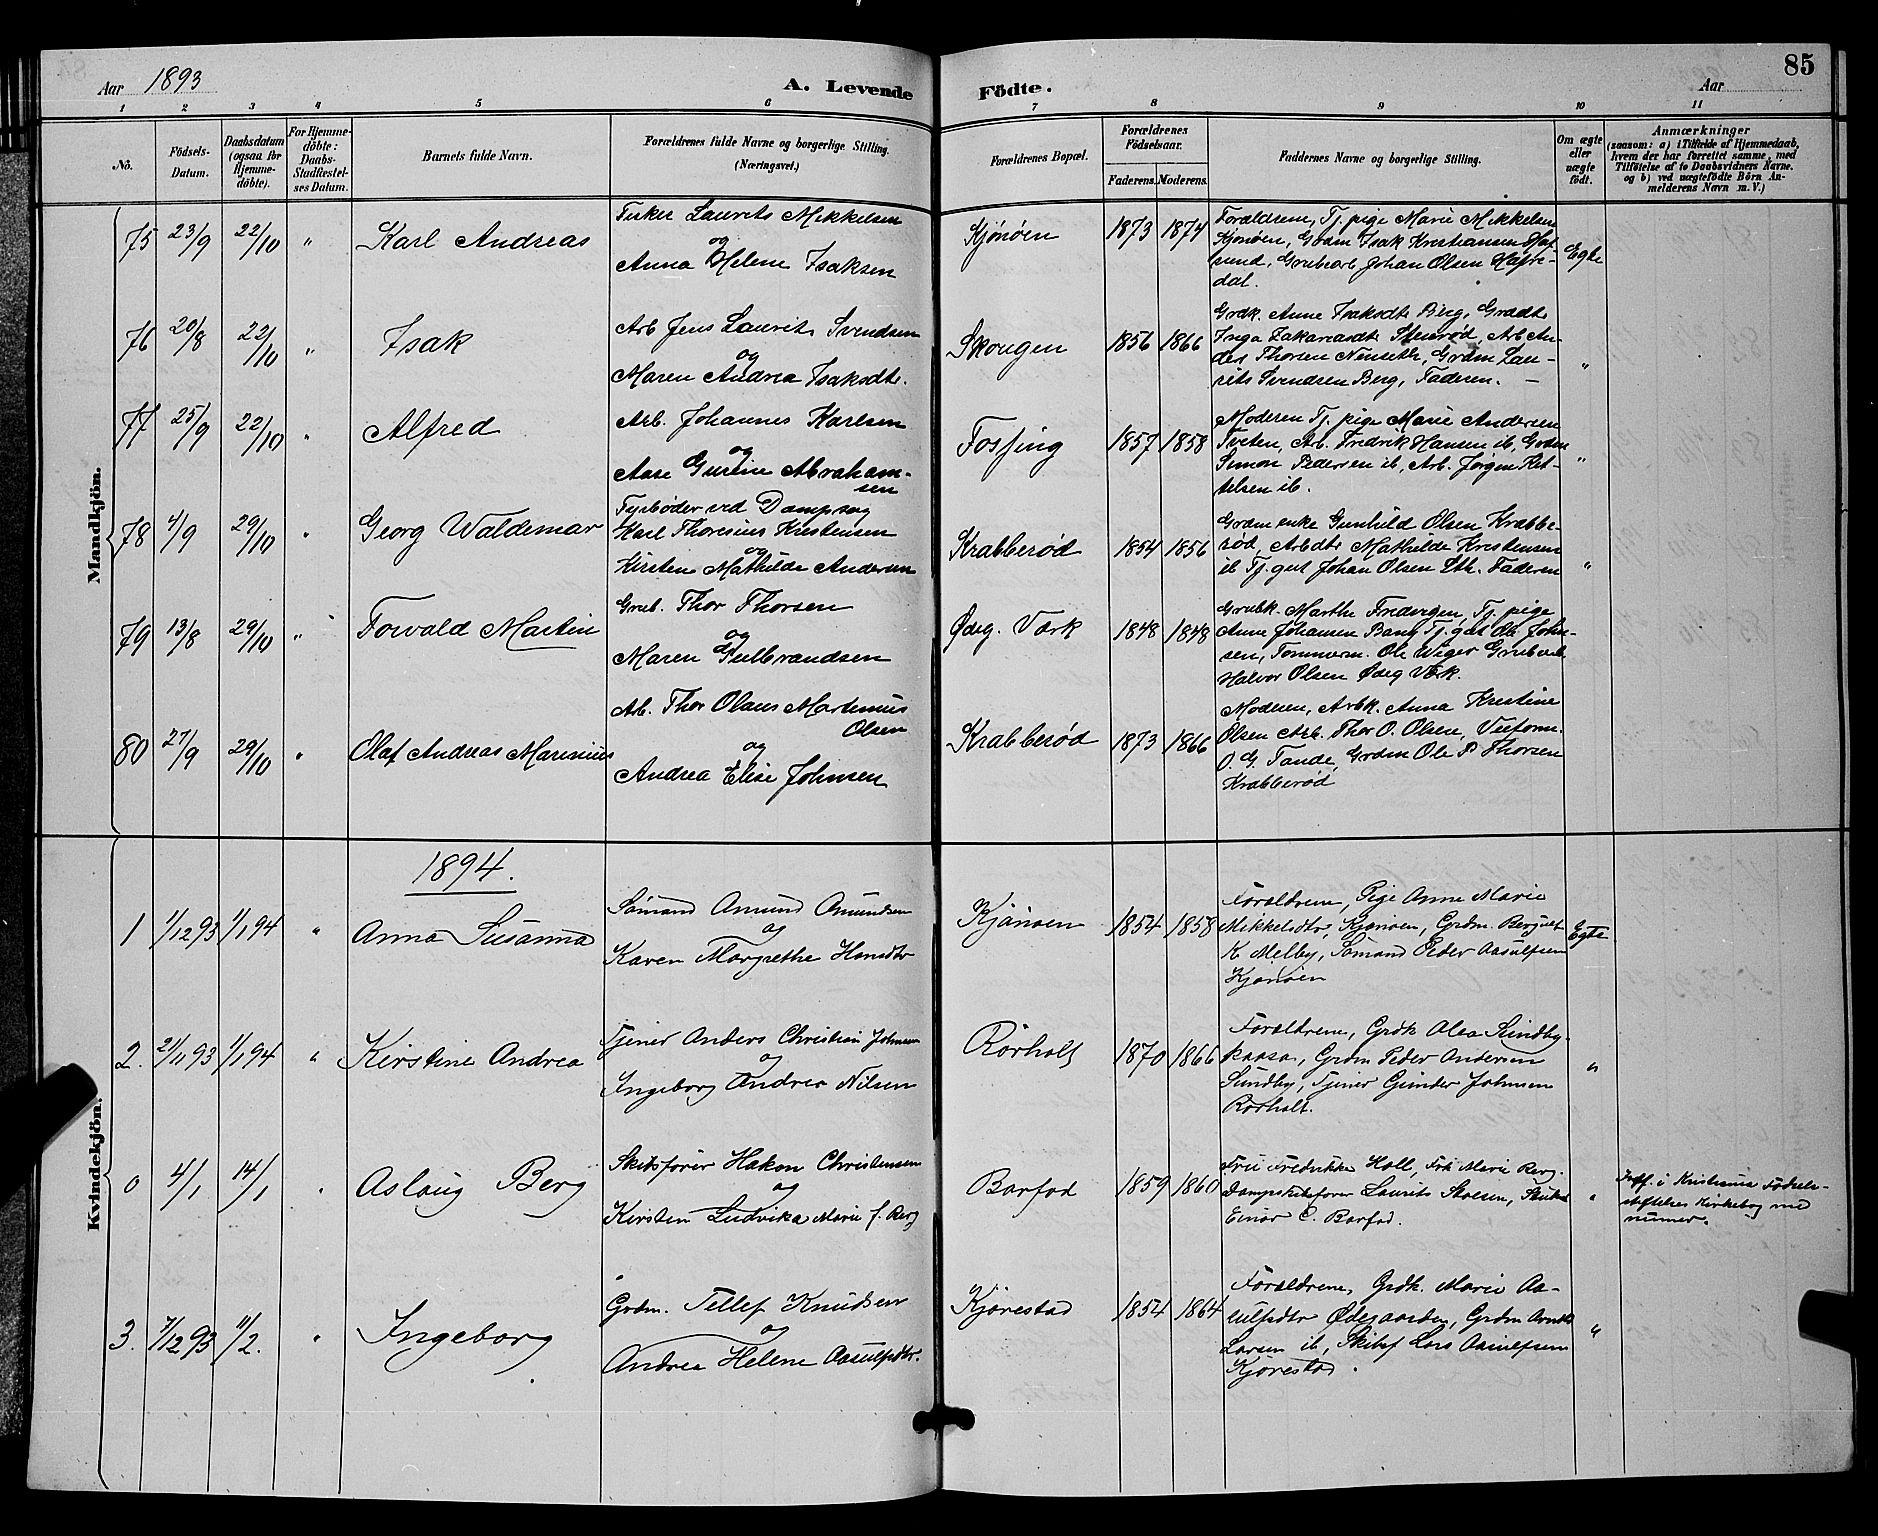 SAKO, Bamble kirkebøker, G/Ga/L0009: Klokkerbok nr. I 9, 1888-1900, s. 85